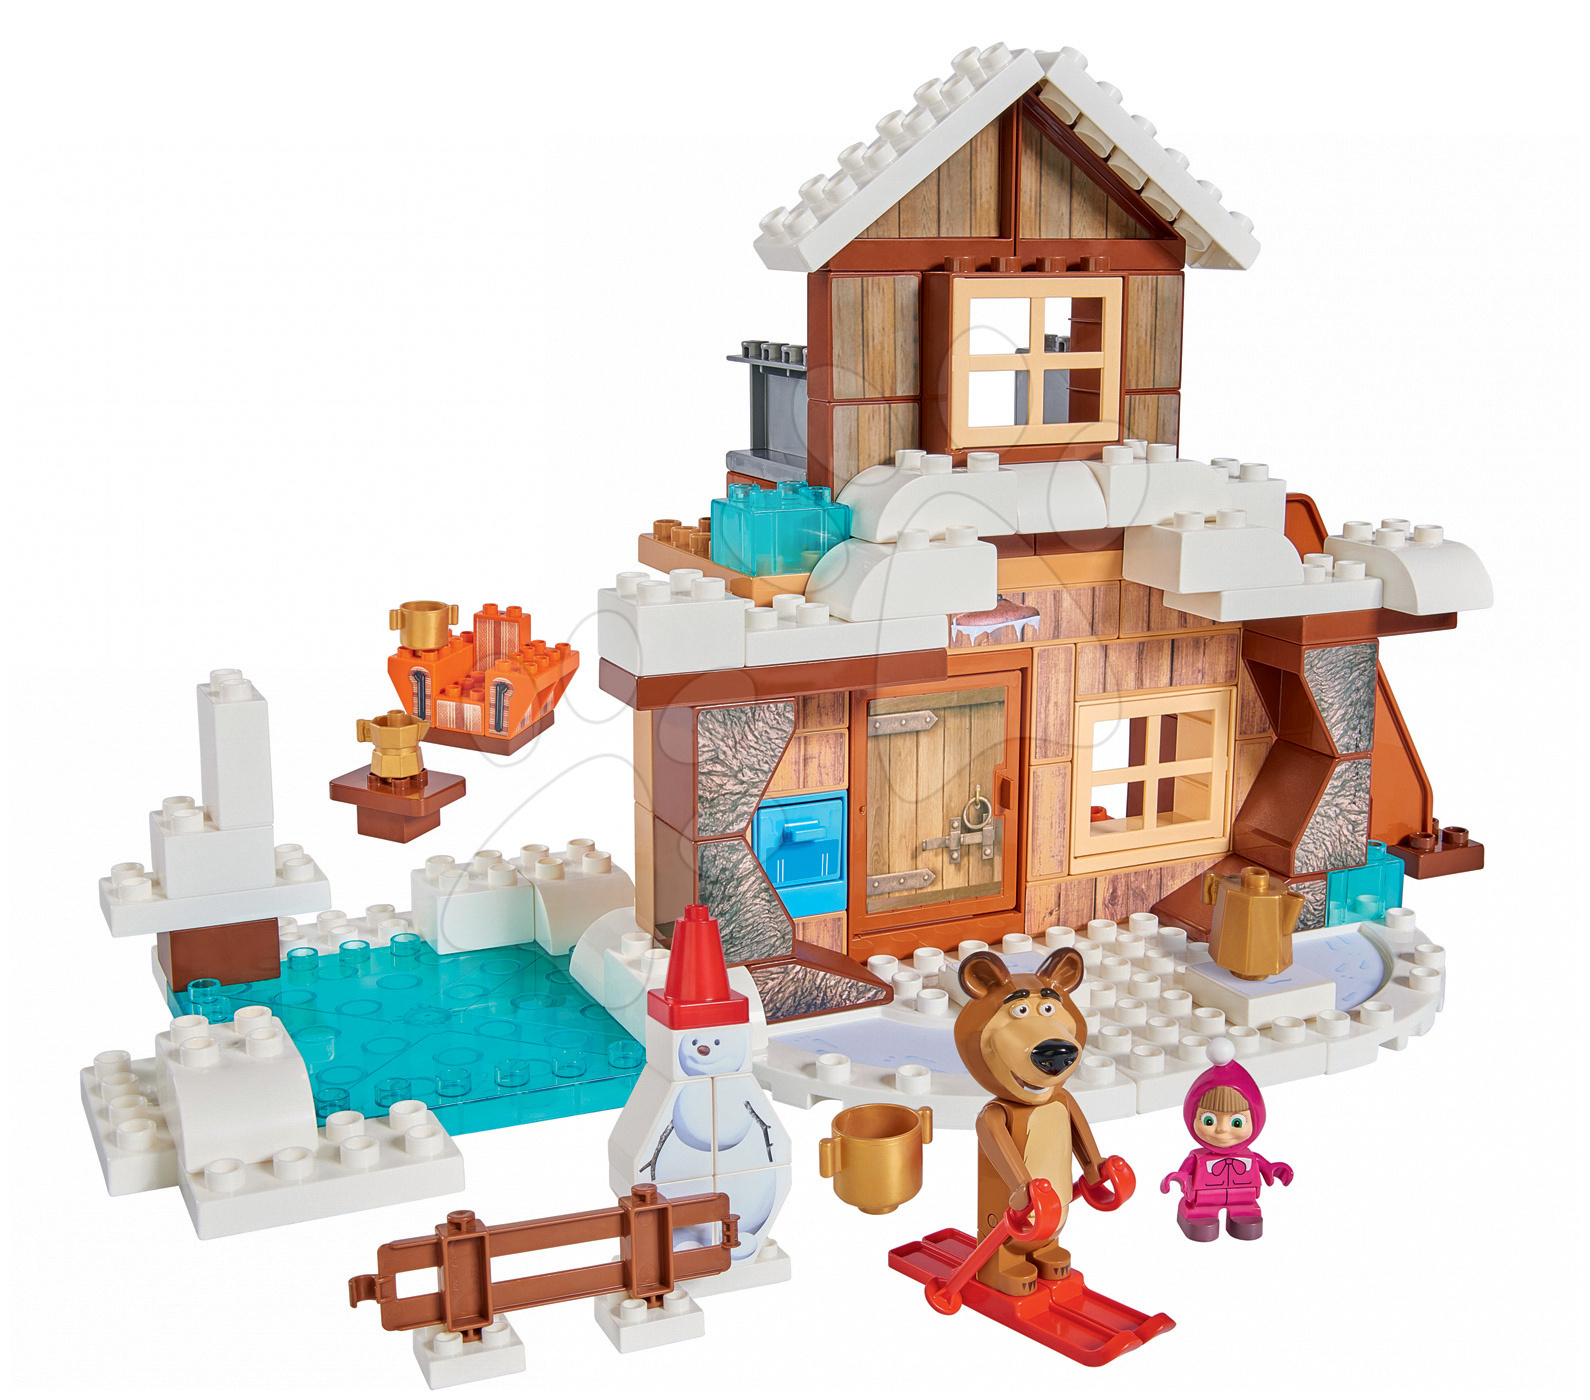 Stavebnica Máša a medveď na chalupe PlayBIG Bloxx BIG s 2 figúrkami 122 dielov od 1,5-5 rokov